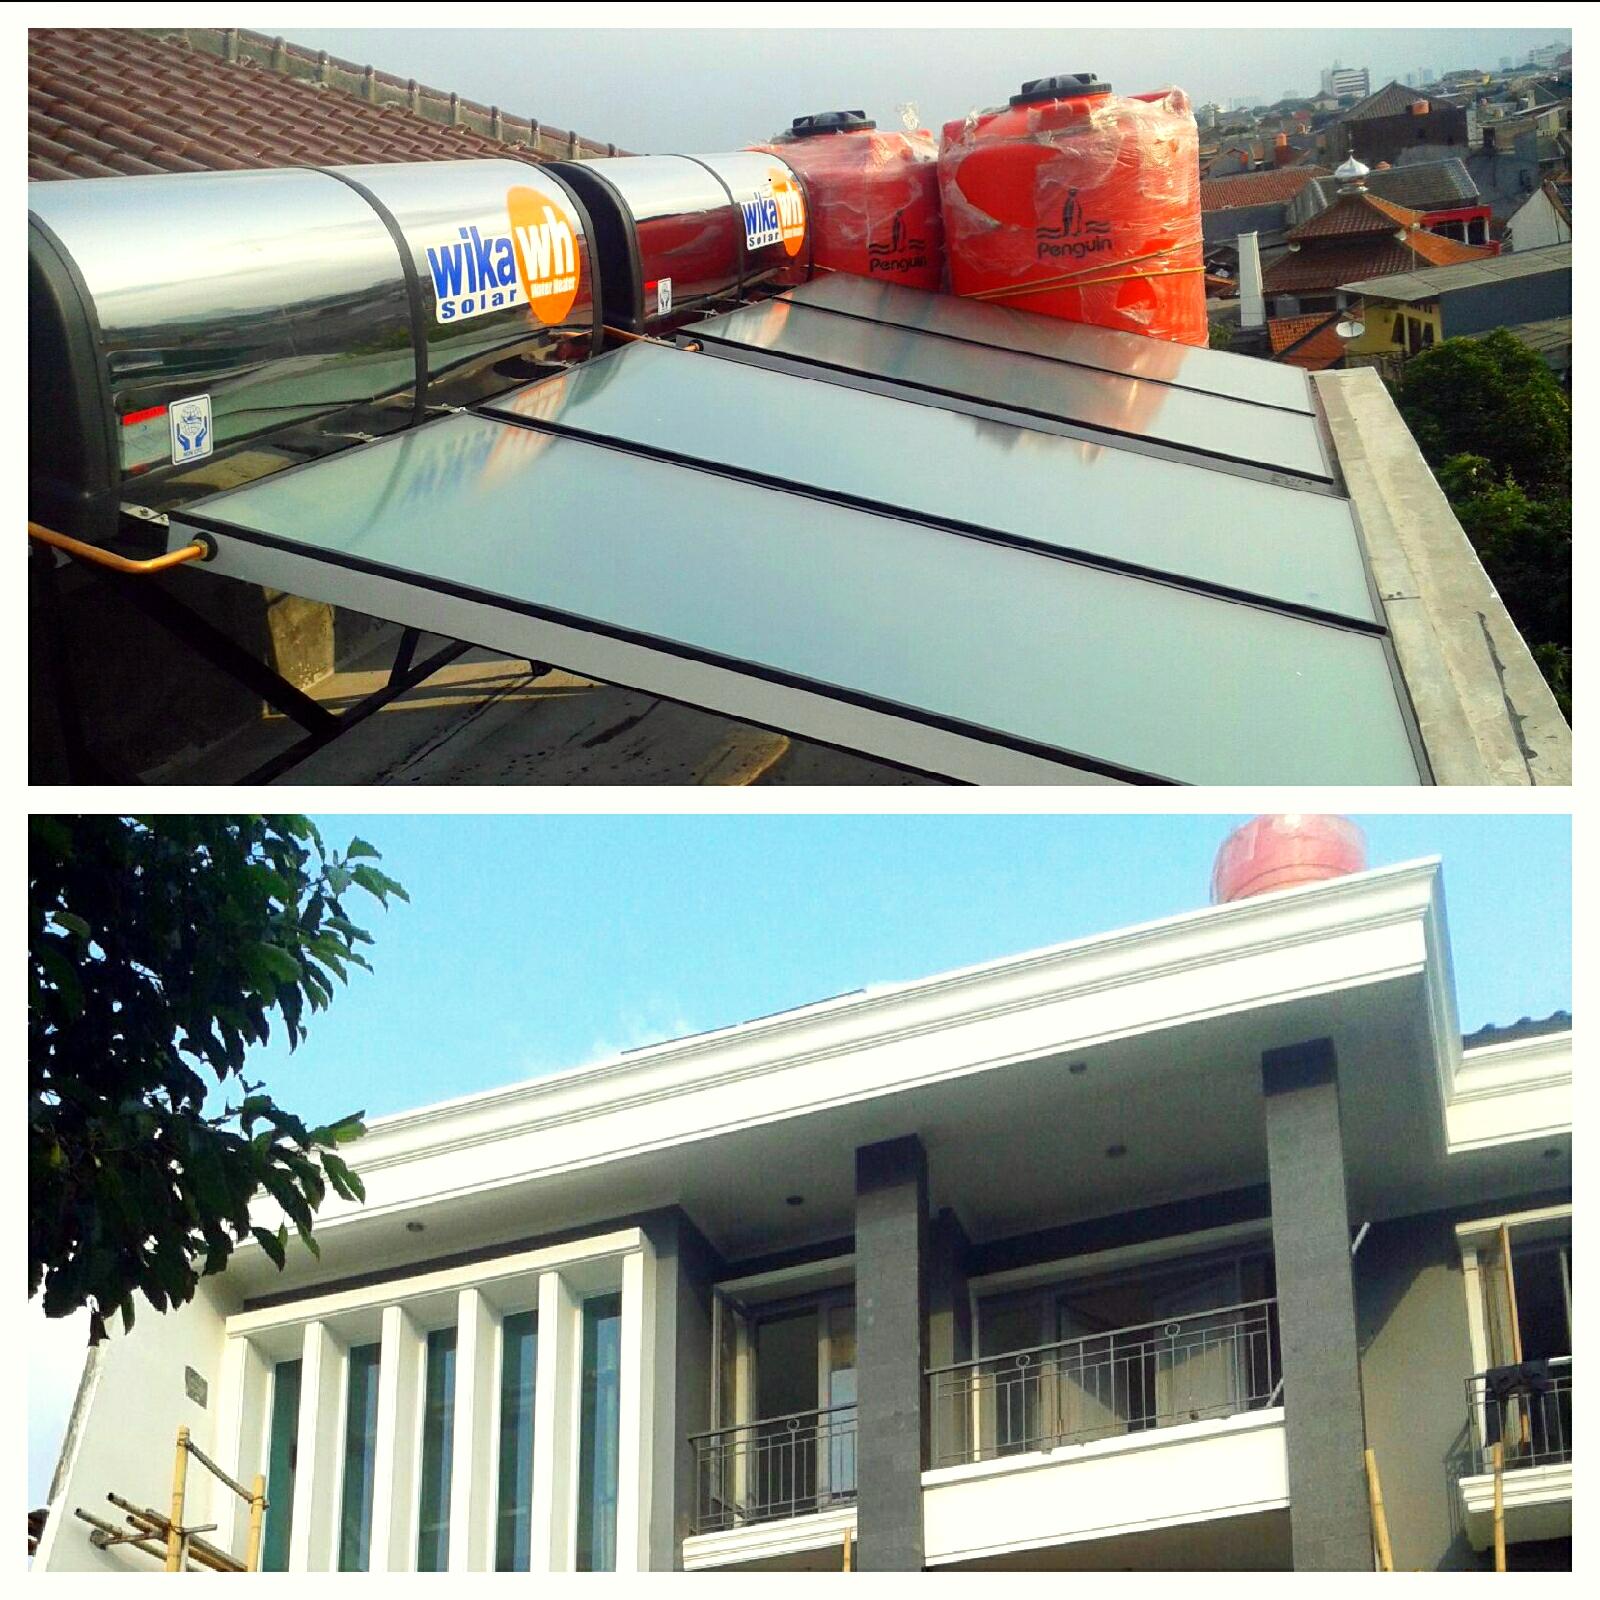 Distributor Pemanas Air Wika Lxc 150 Tenaga Matahari